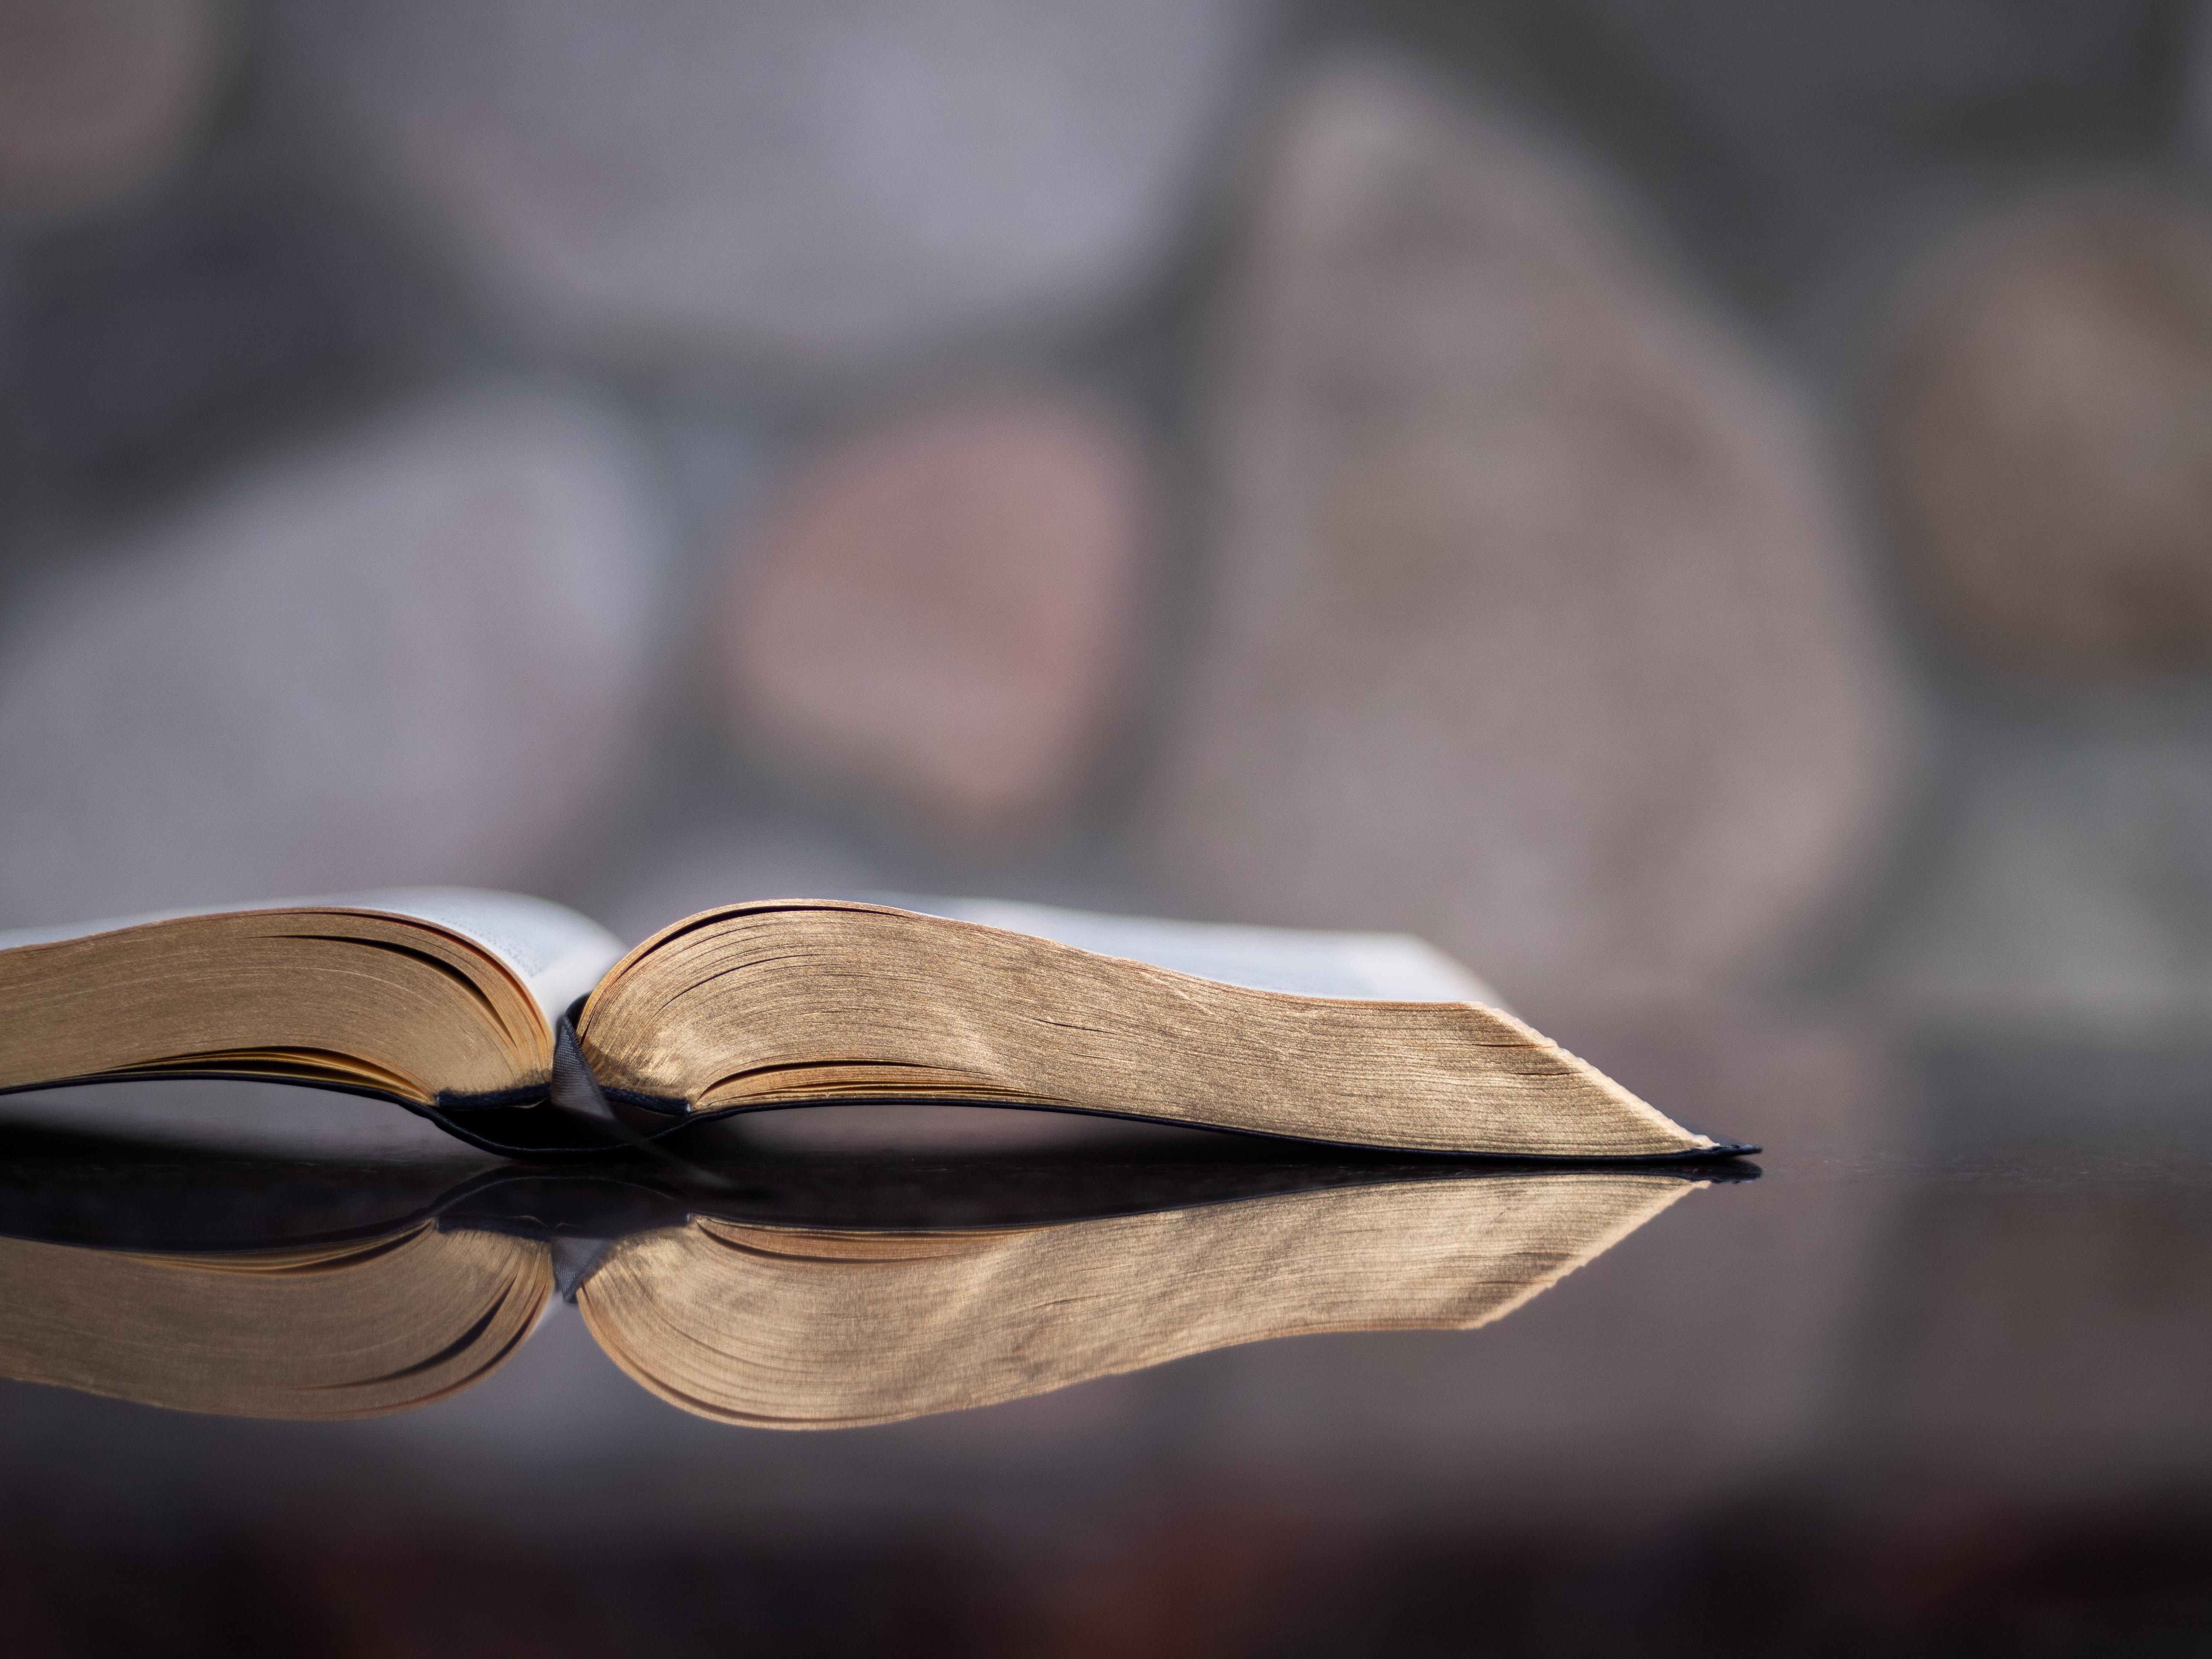 Otwarta Biblia na szklanym stole